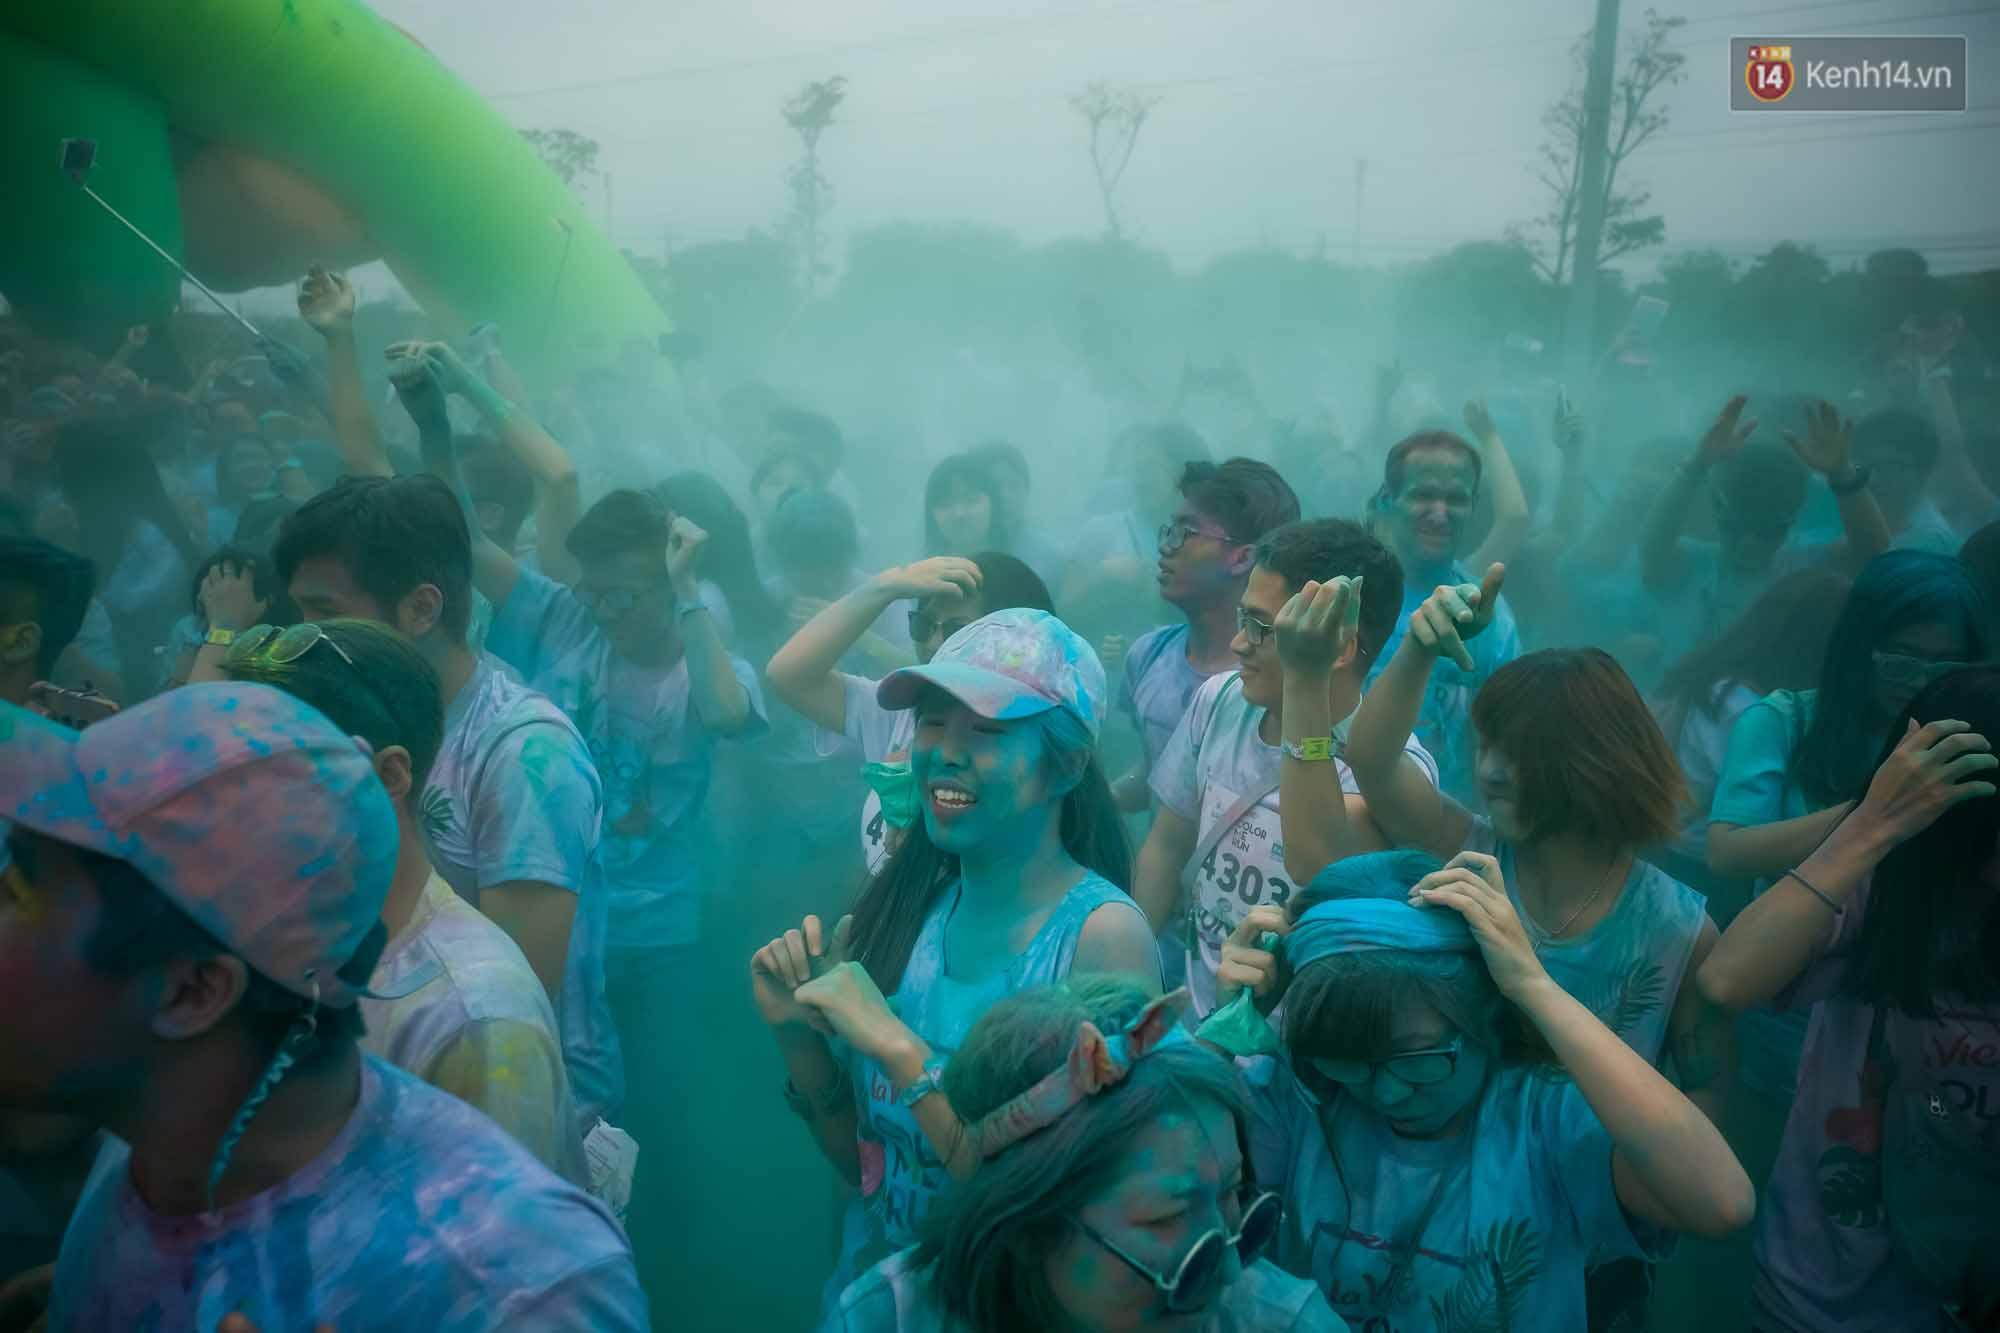 Những khoảnh khắc chứng minh đi Color Me Run lúc nào cũng vui và được quẩy hết mình! - Ảnh 14.